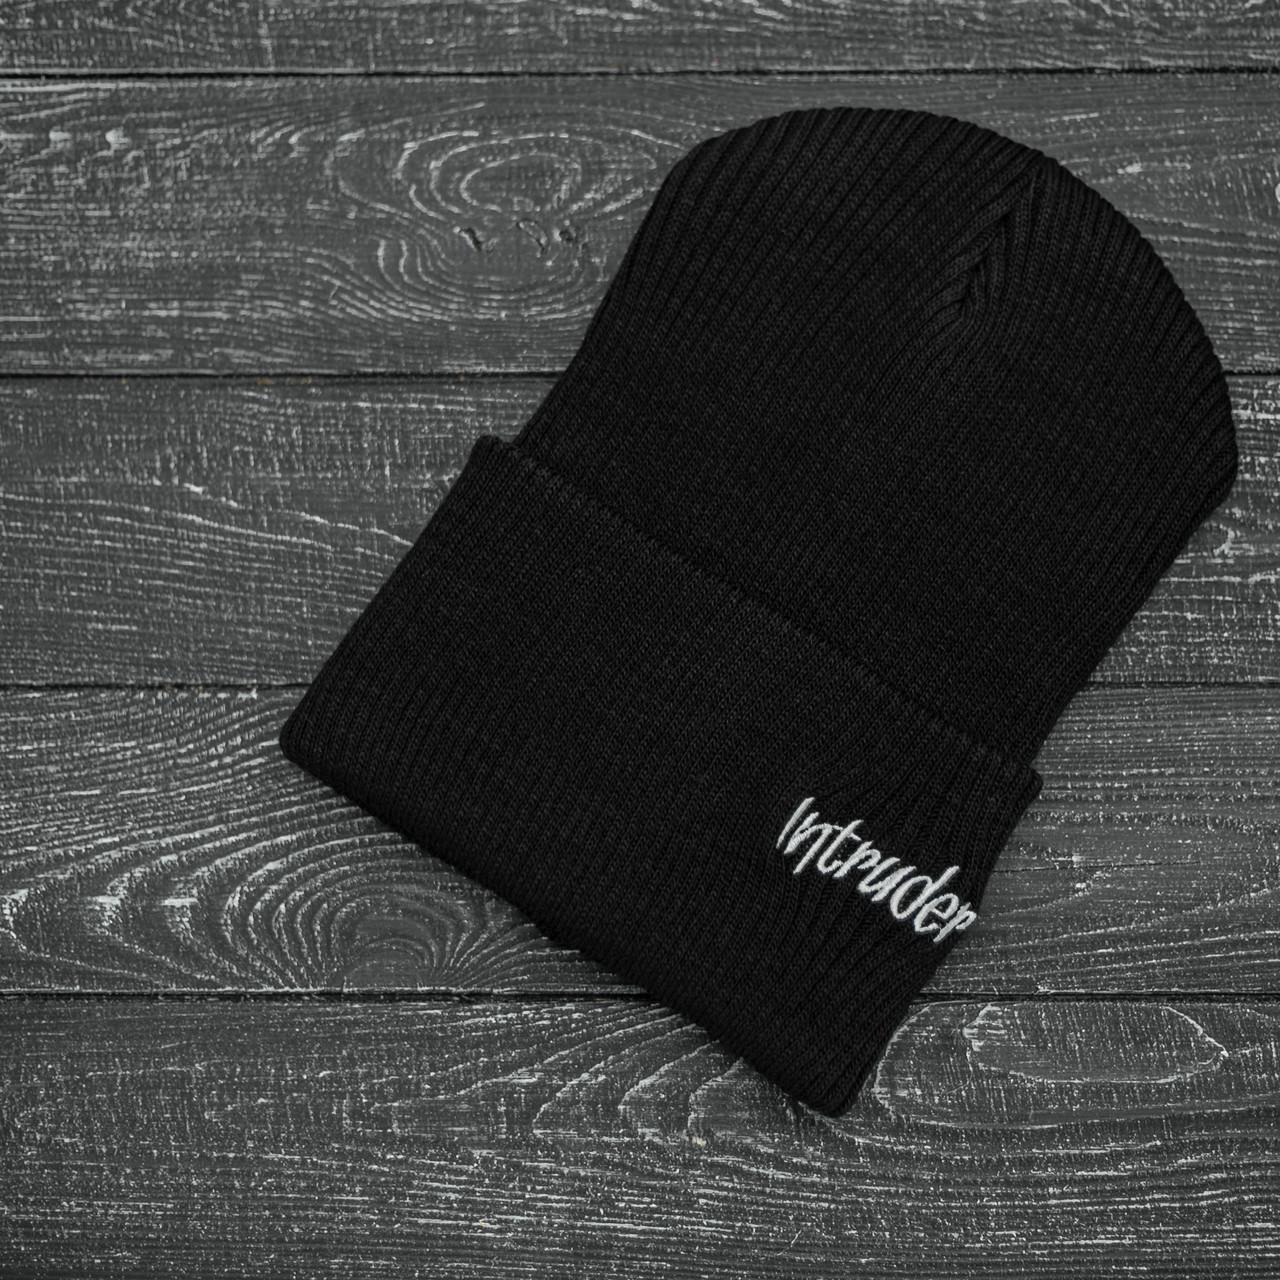 Шапка Мужская/Женская  Intruder зимняя small logo черная Intruder